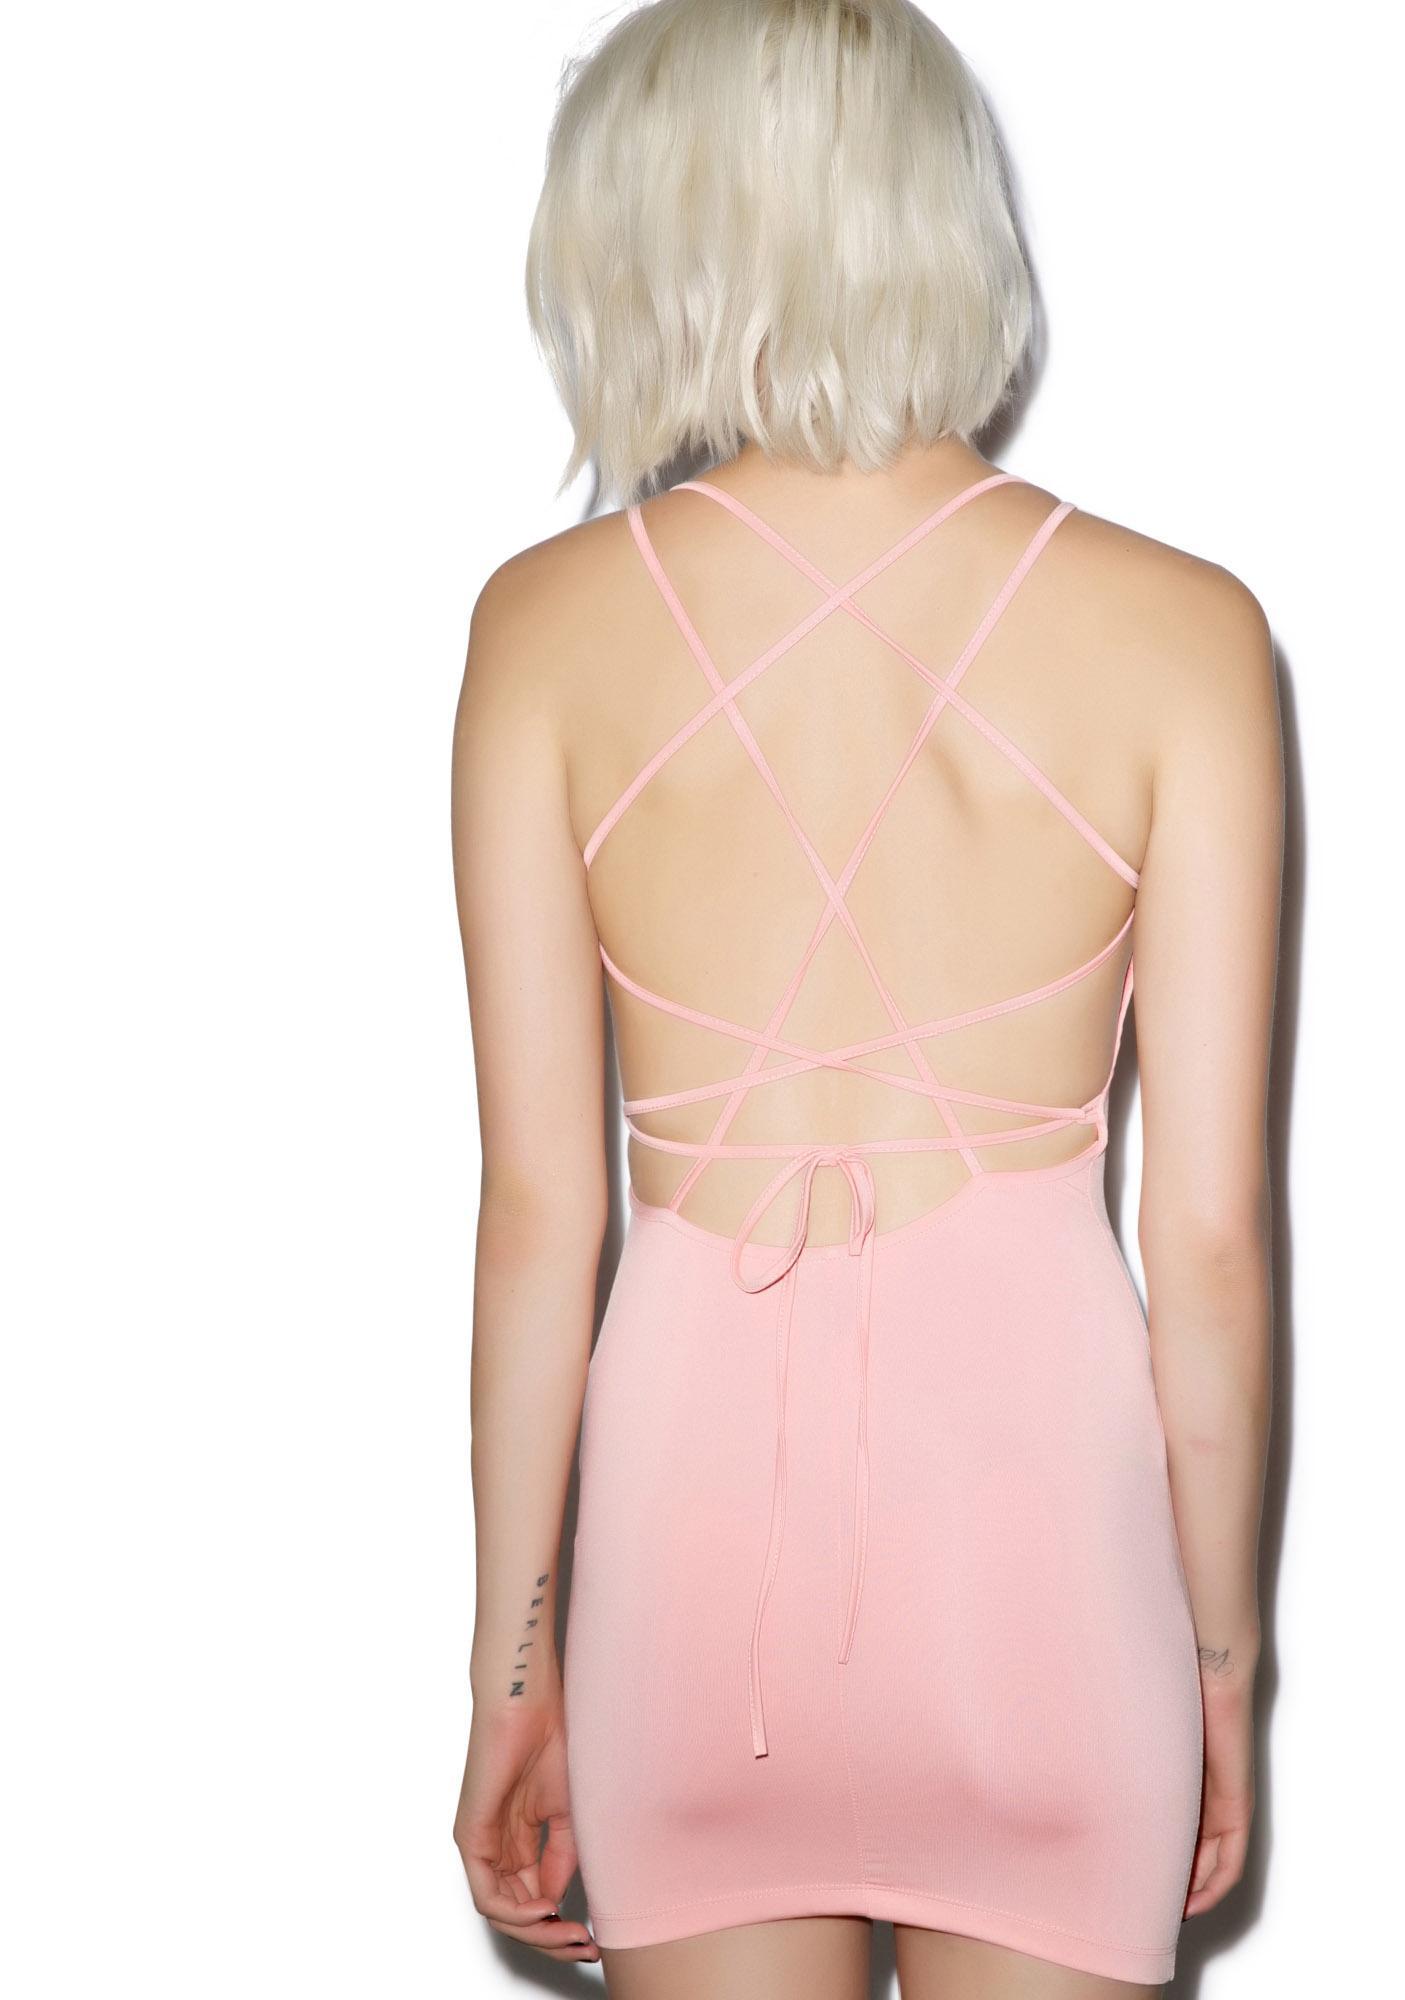 Jaiden Dress